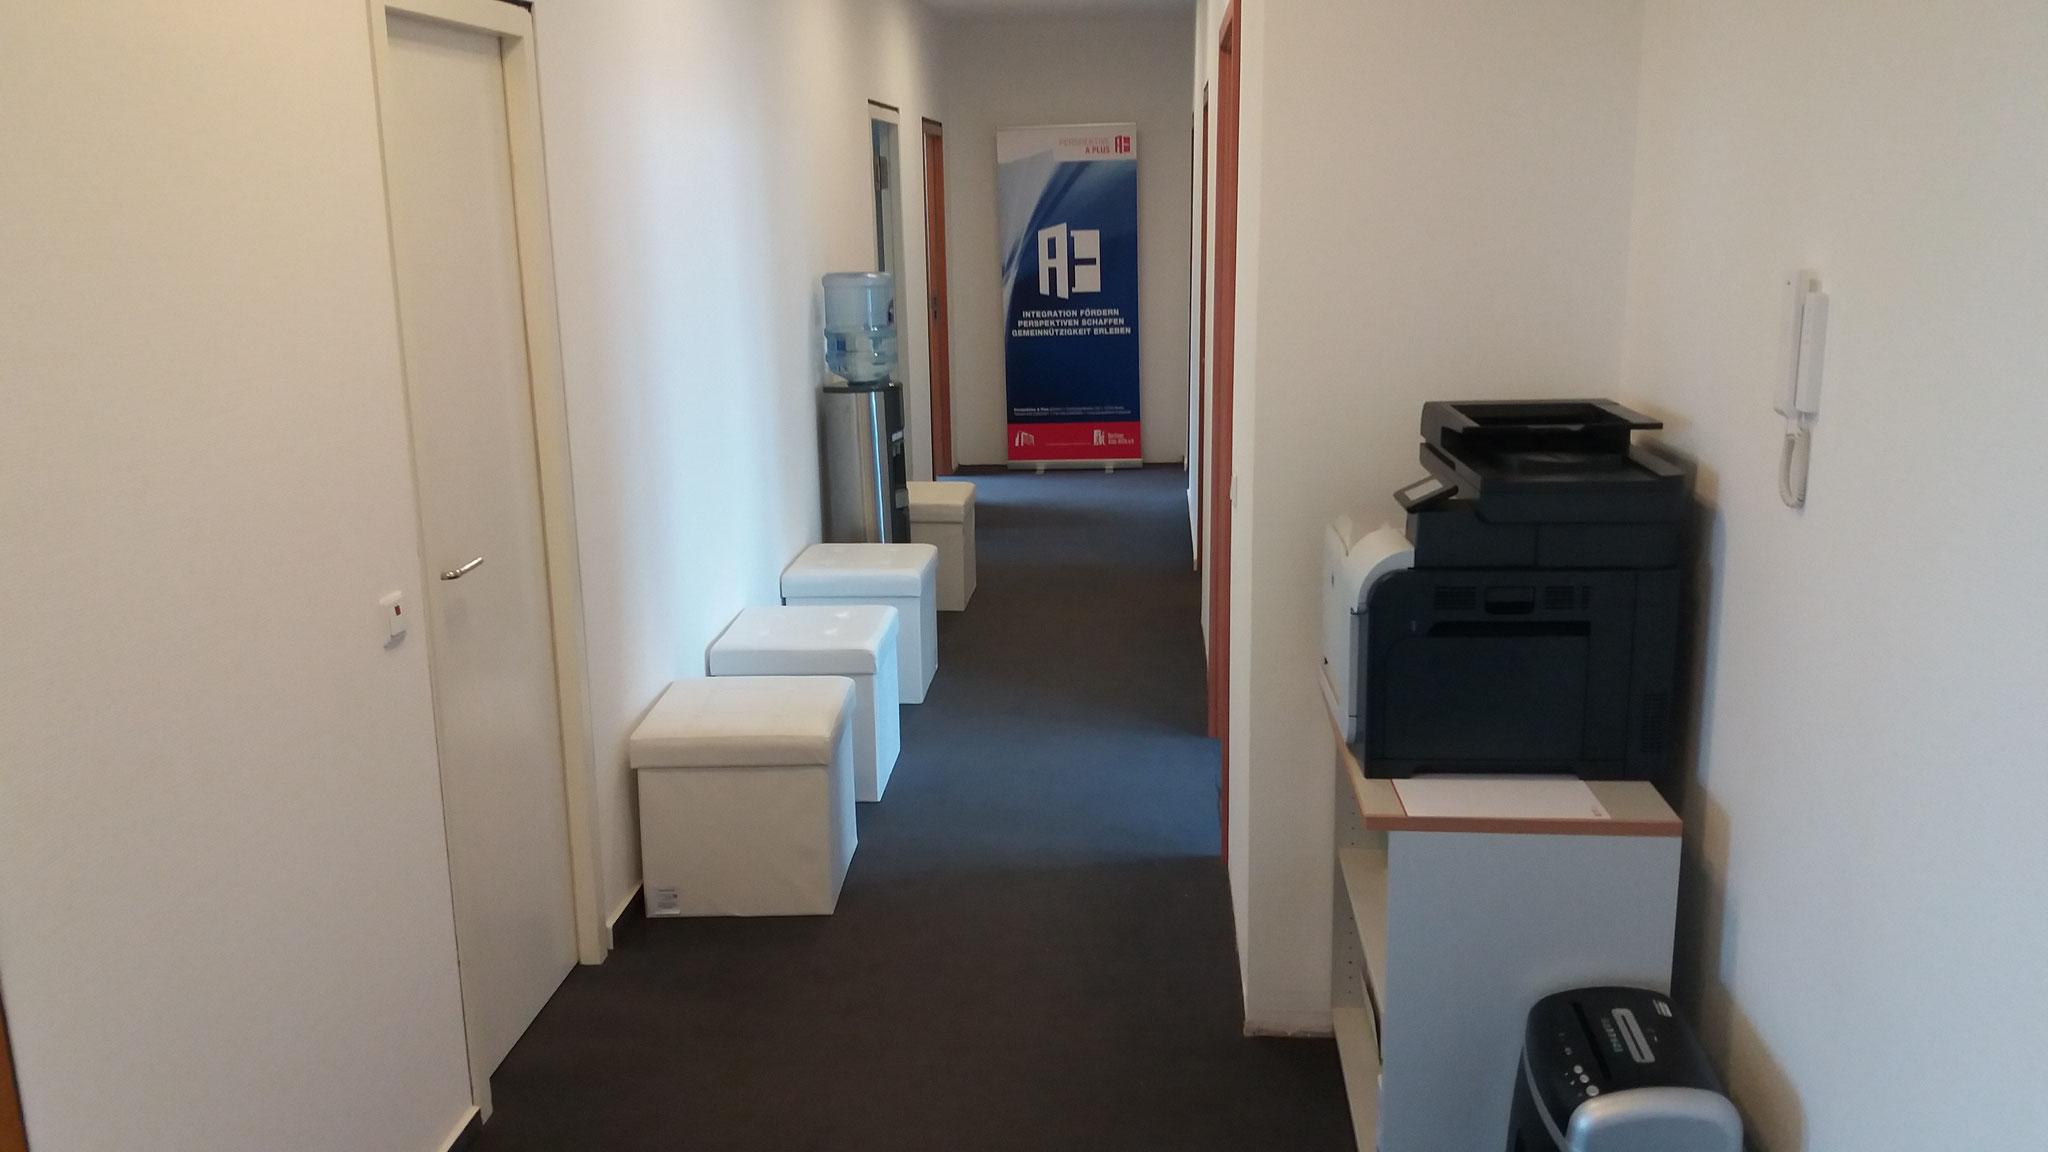 Eingang  Seminarraum, Wasserspender, Drucker, WIFI...